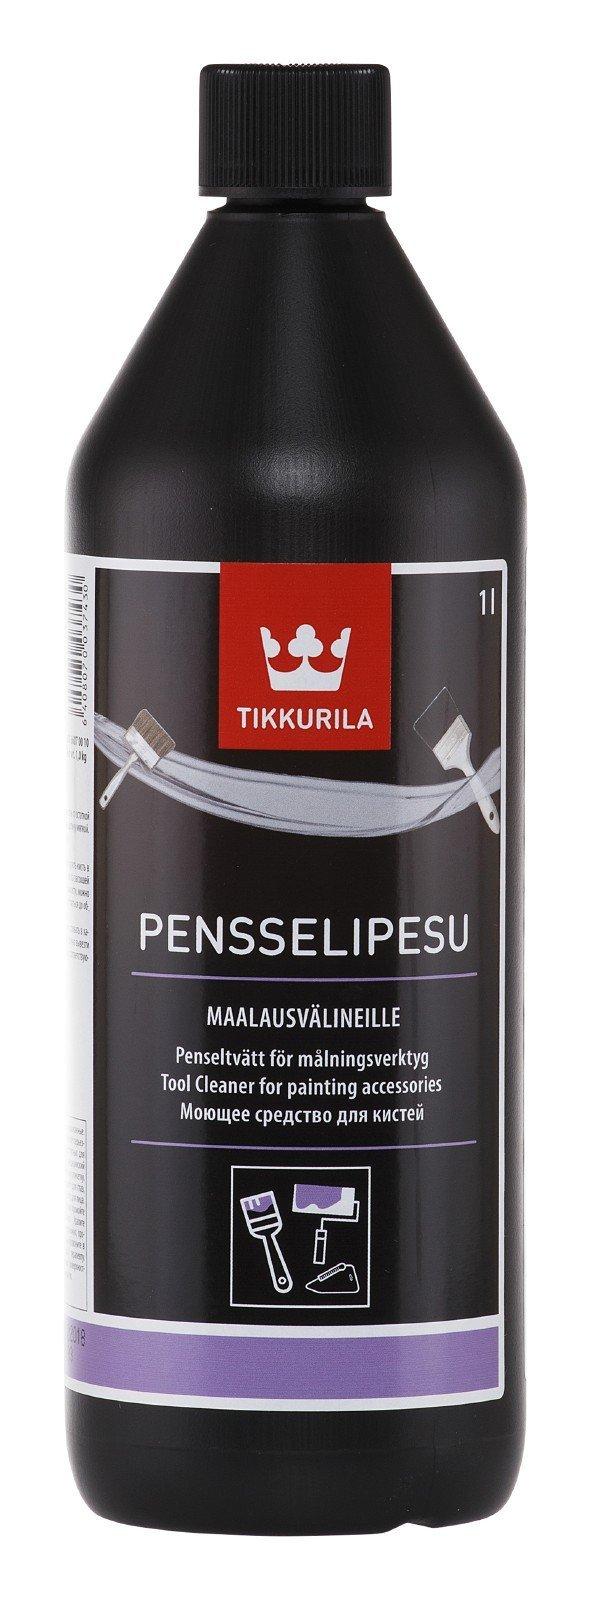 Tikkurila PENSSELIPESU (Čistič malířského nářadí)